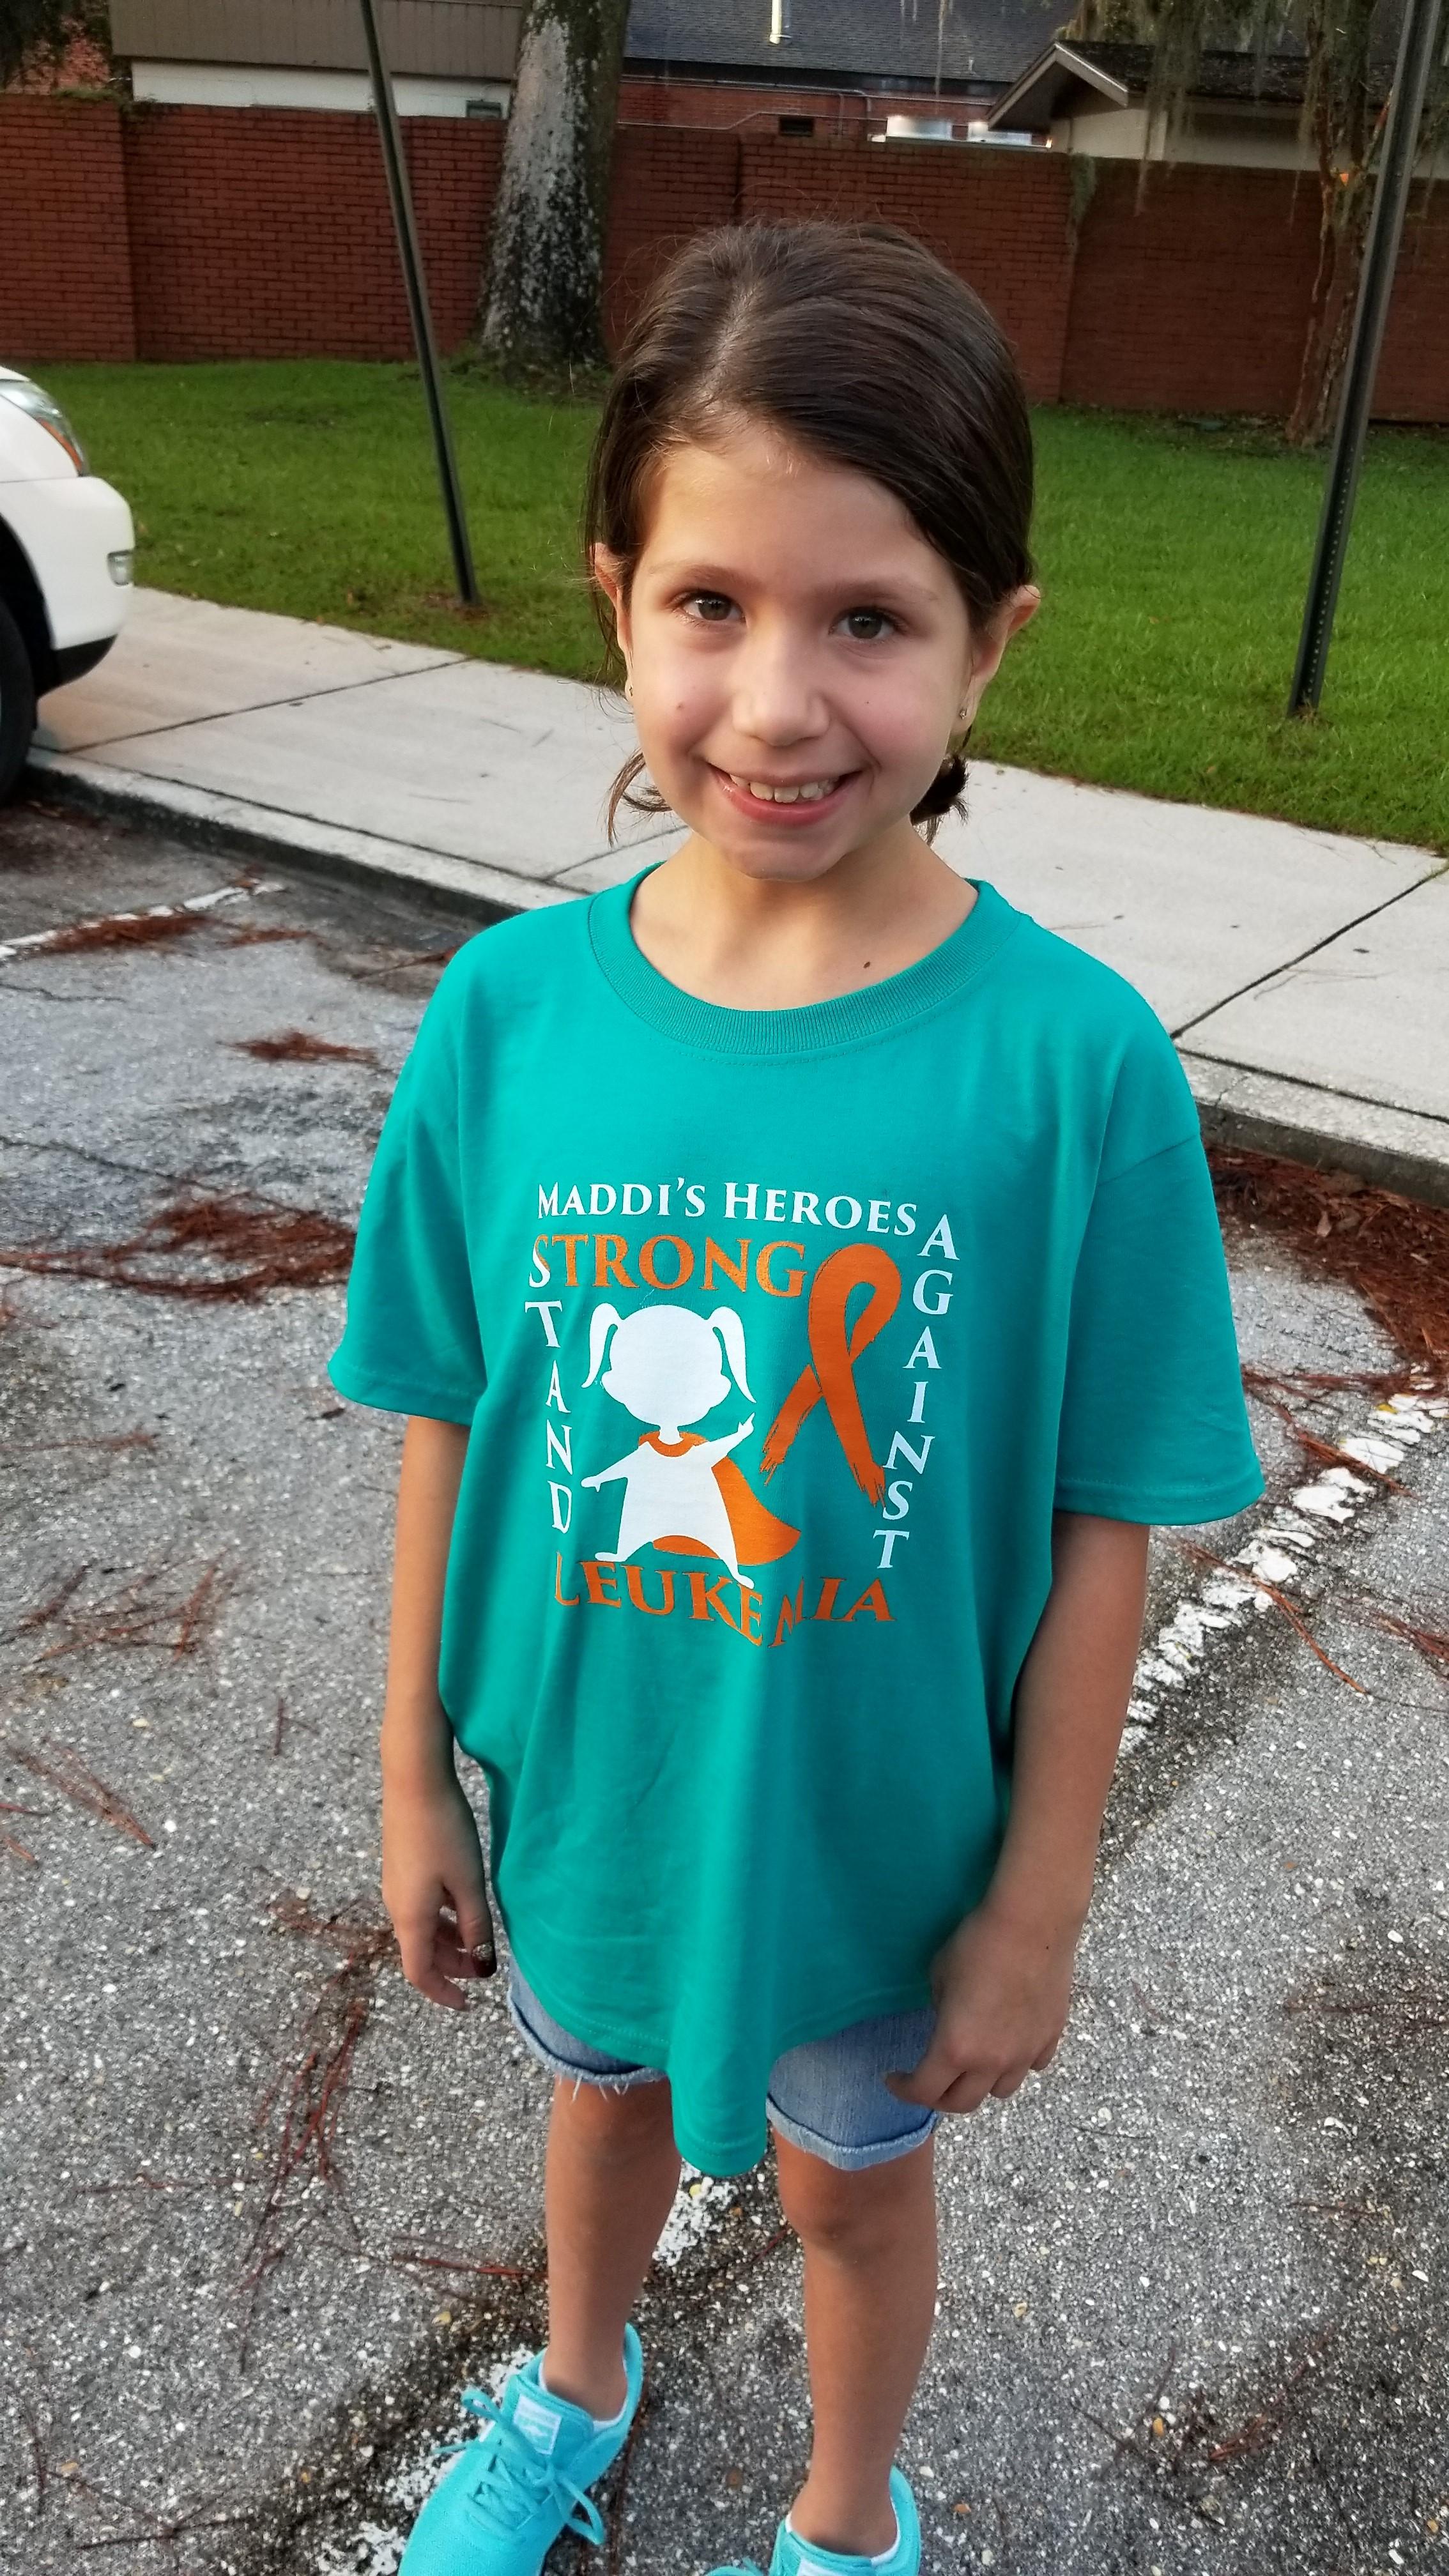 Maddis Heroes youth Shirt